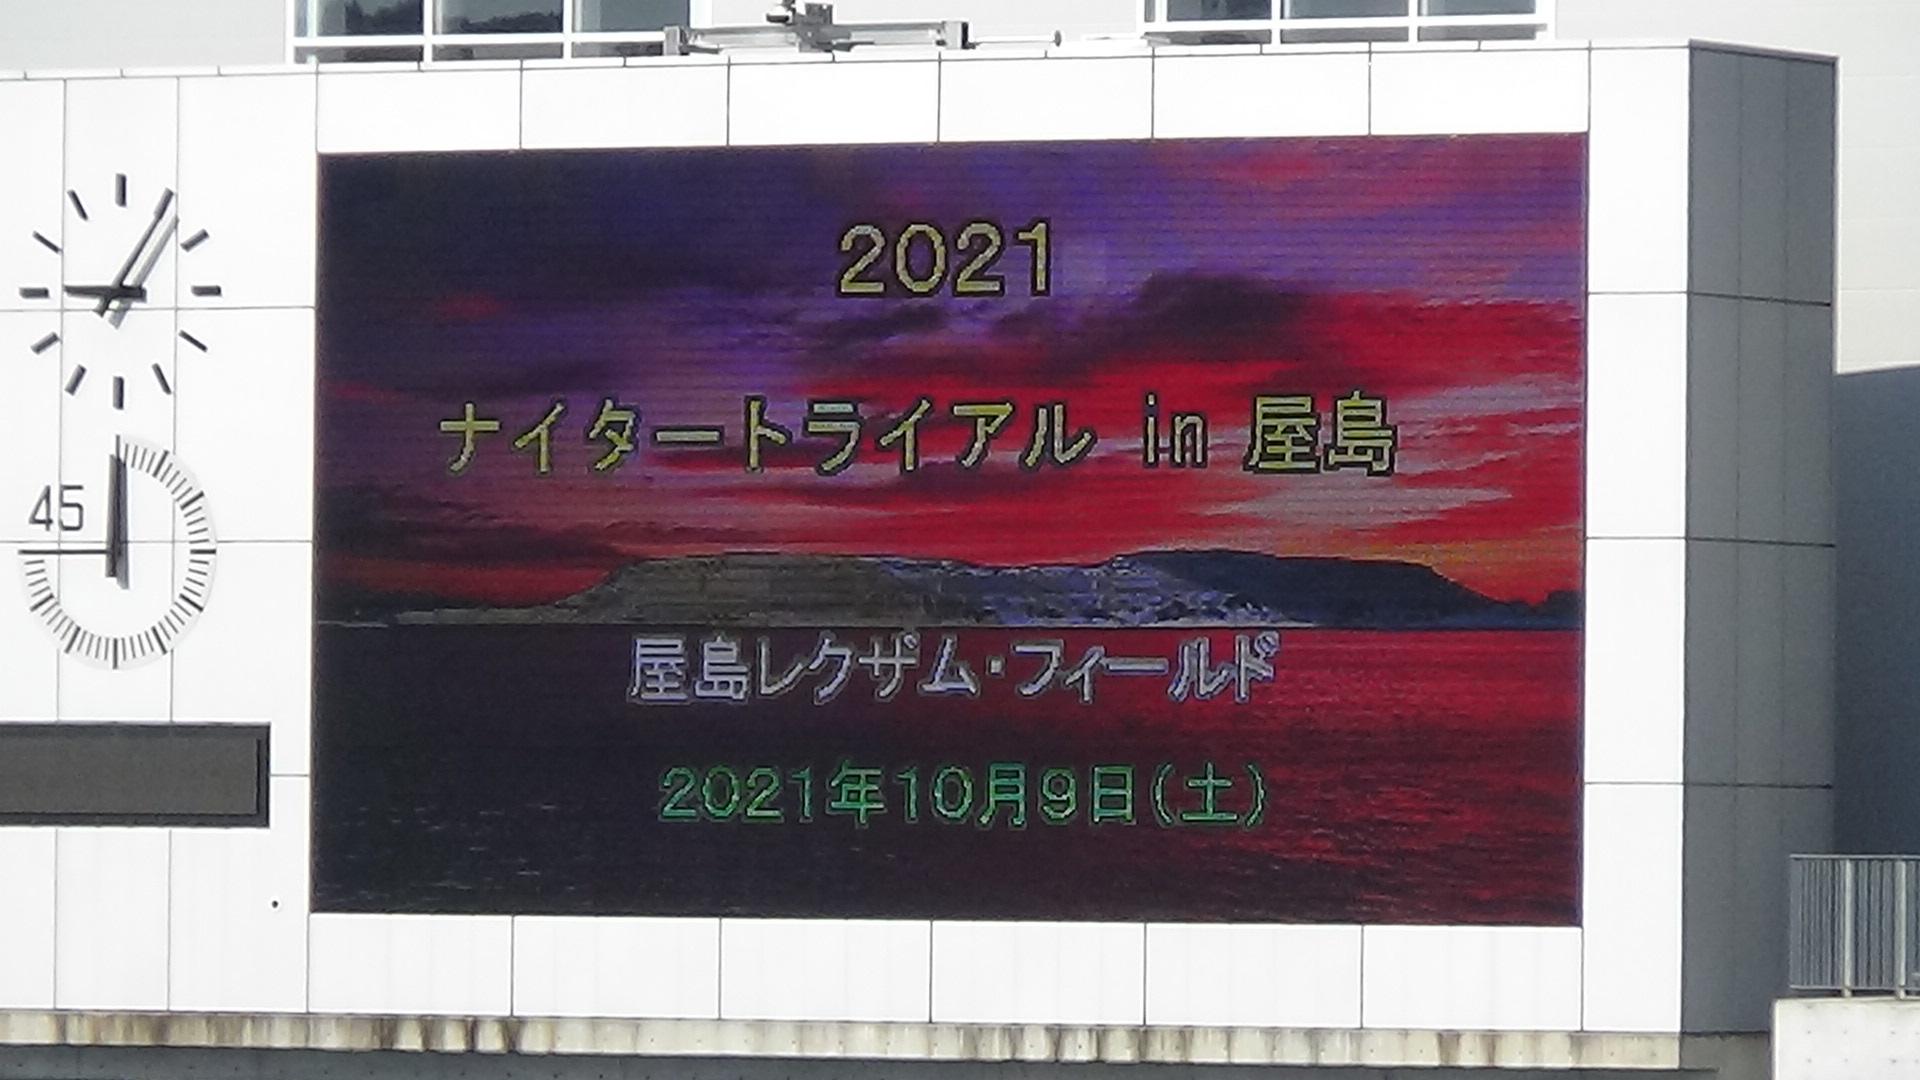 結果報告(2021ナイタートライアルin屋島)